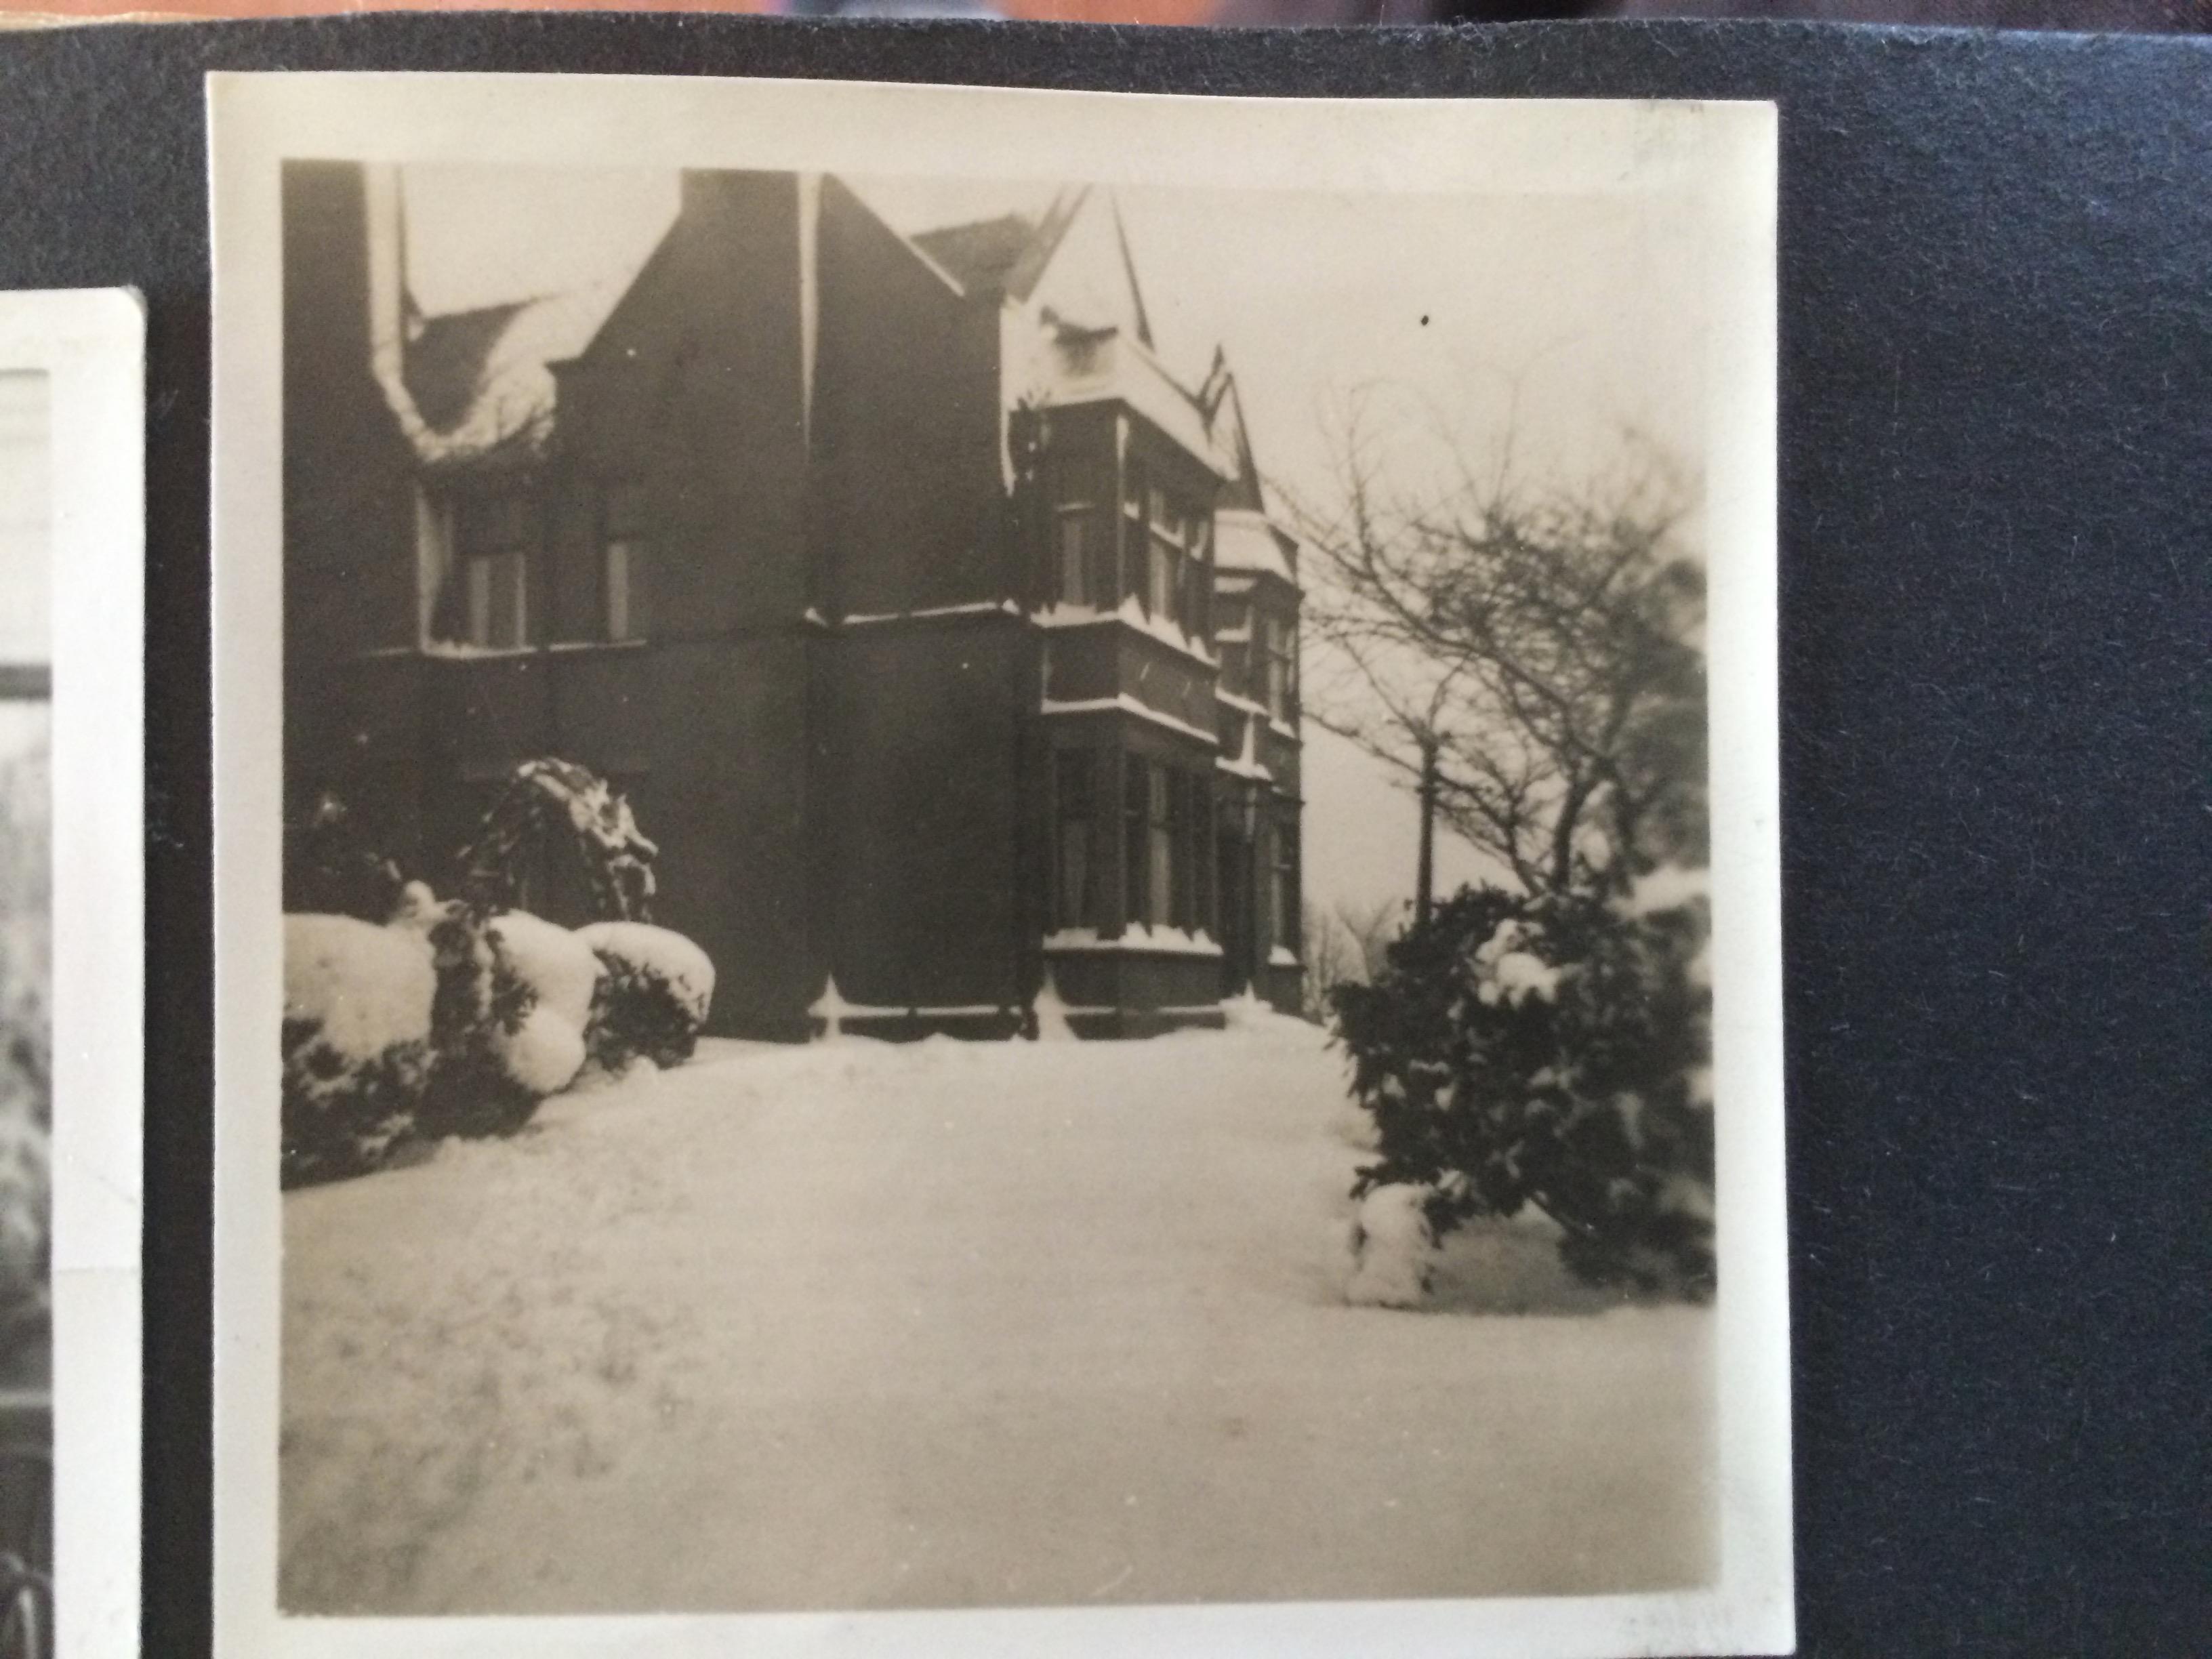 Rainshore in the snow c1940